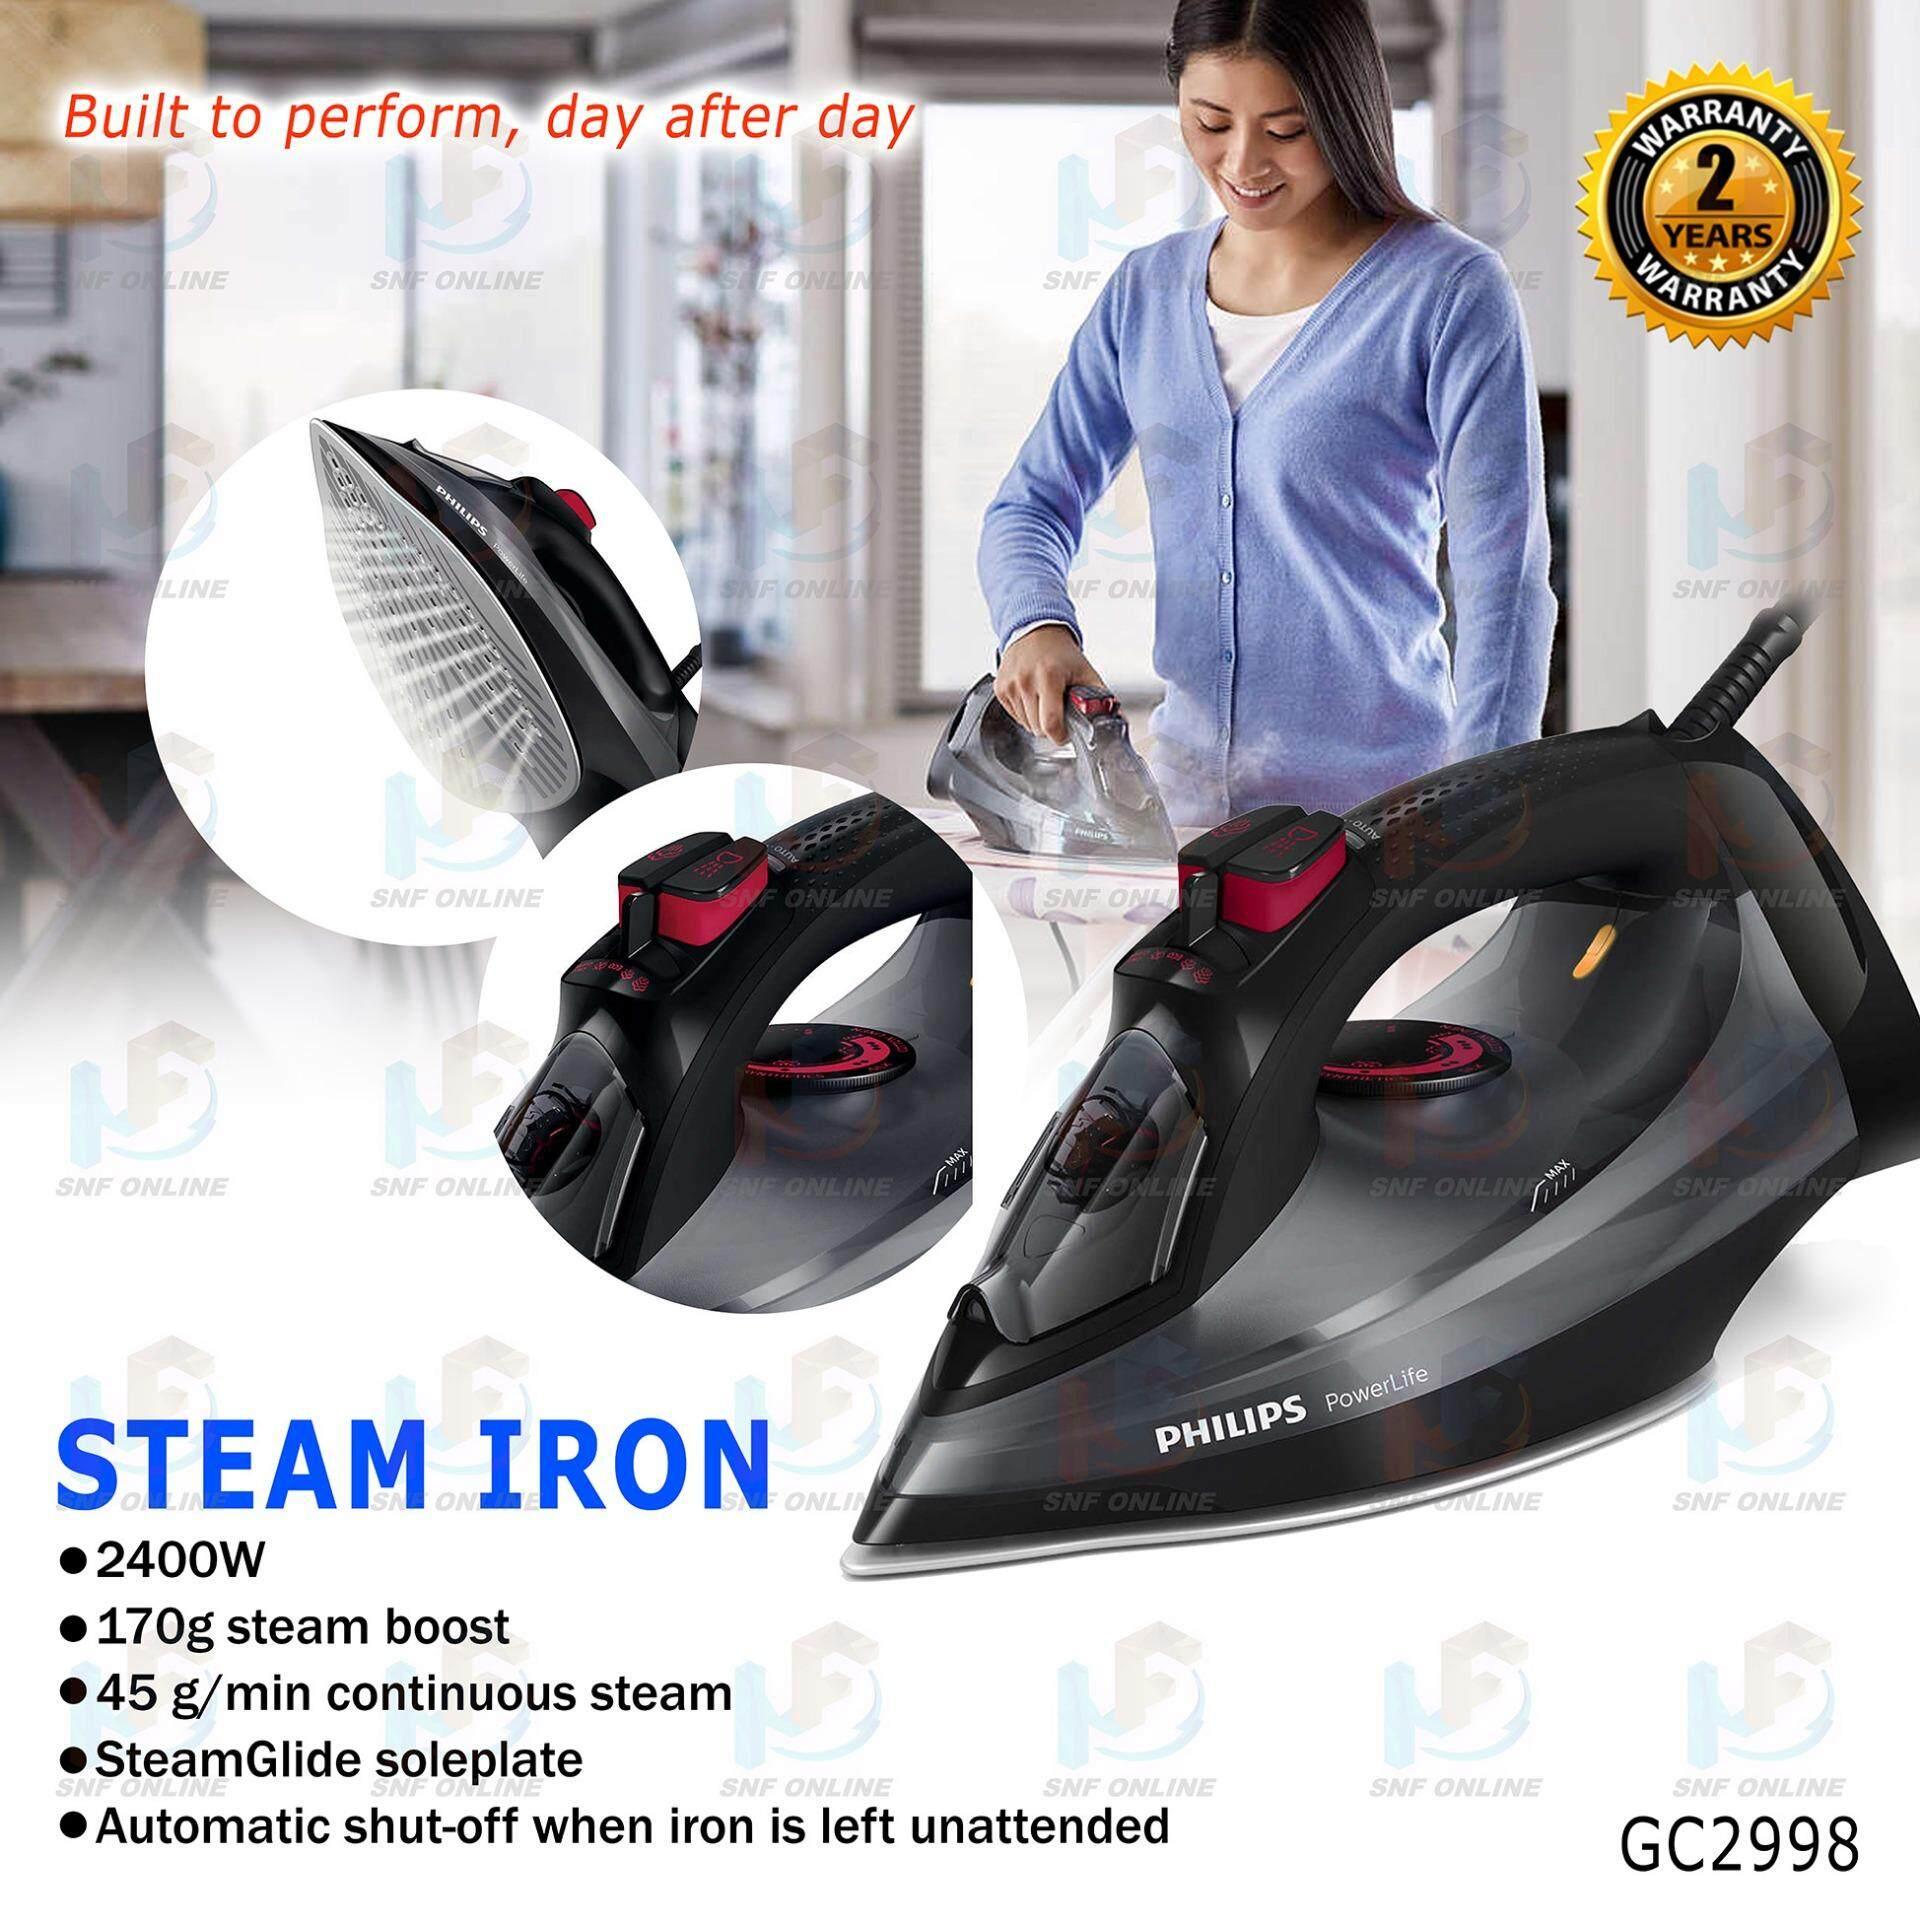 Philips Steam Iron 2400W 170g Steam Boost GC2998